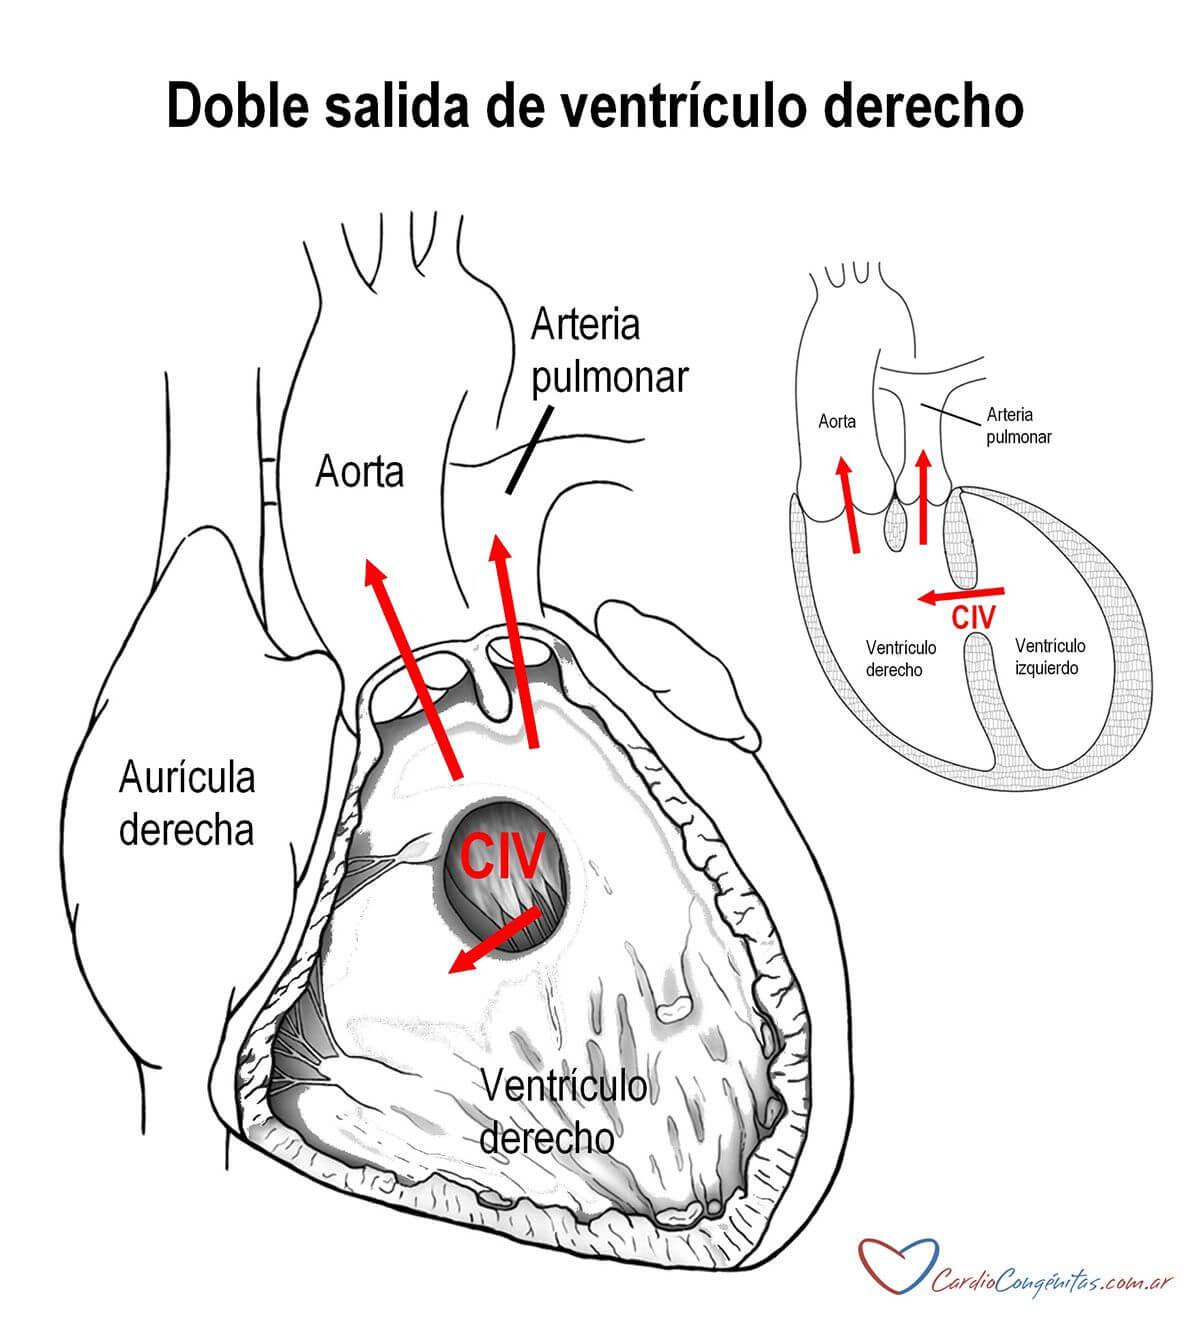 DSVD-anatomia